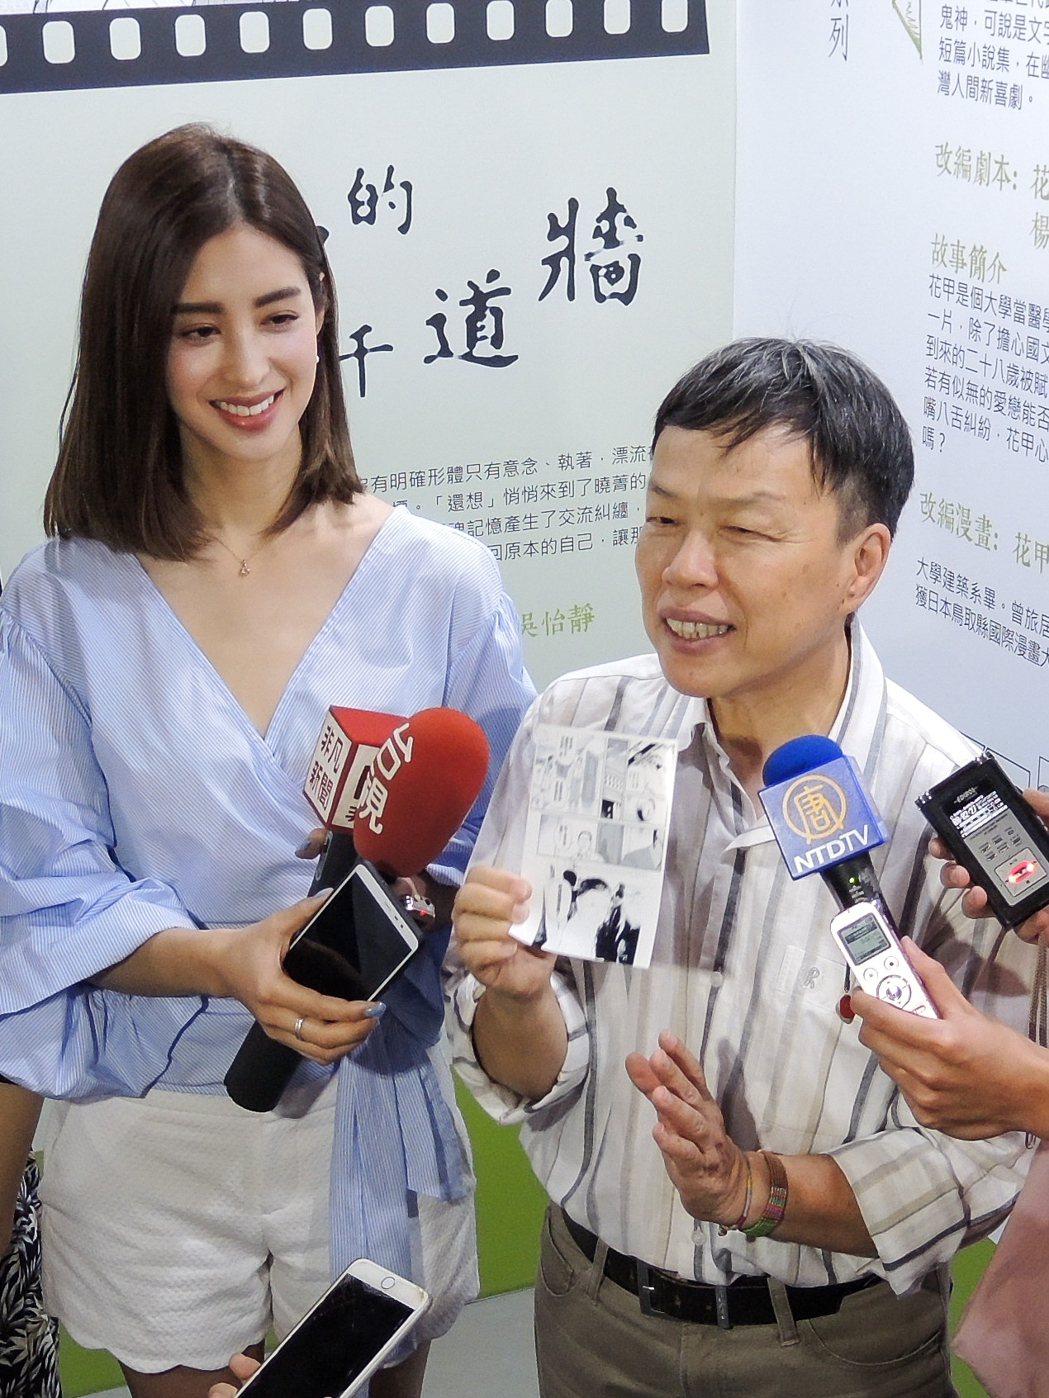 莫允雯與王小棣出席「故事跨視界–出版IP應用展」。圖/台視提供